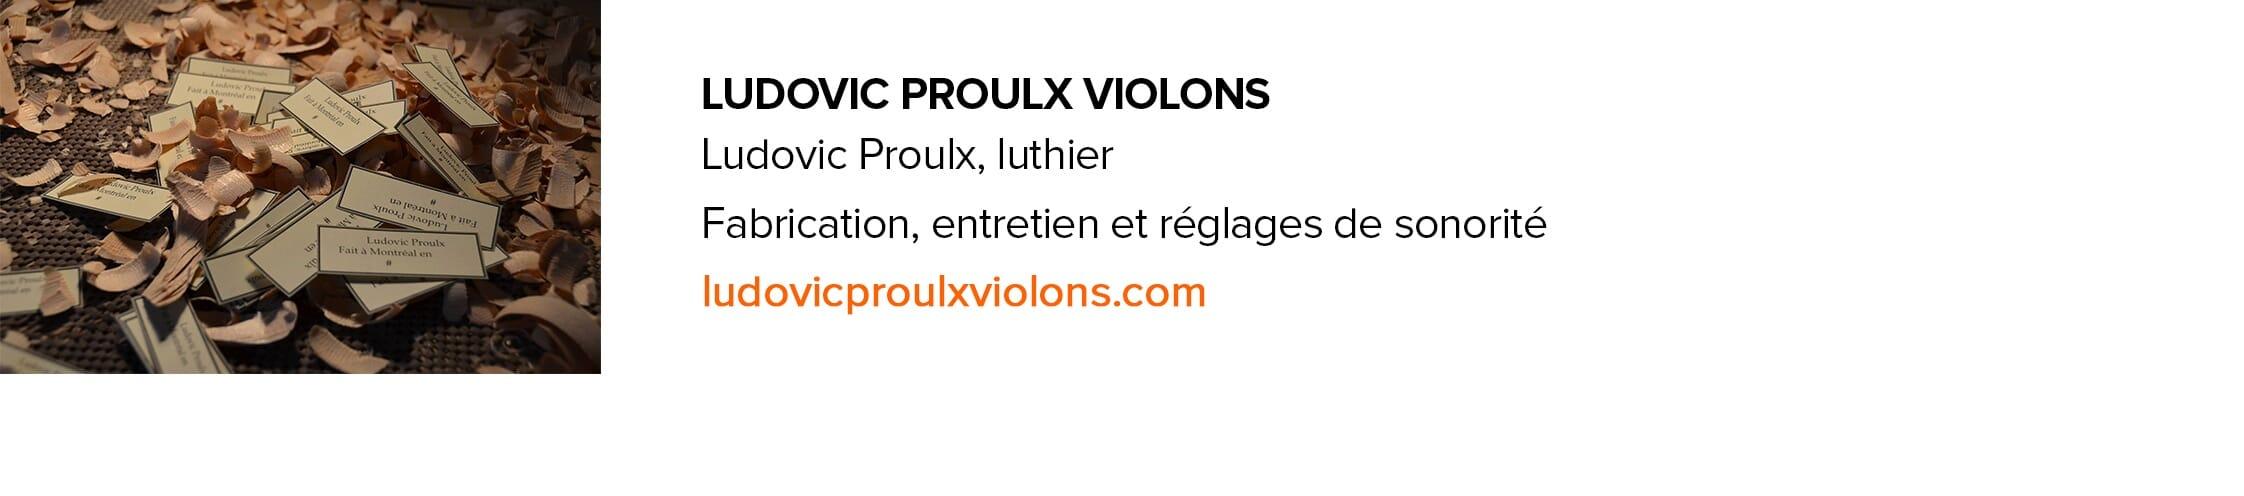 Ludovic Proulx luthier Quebec violon